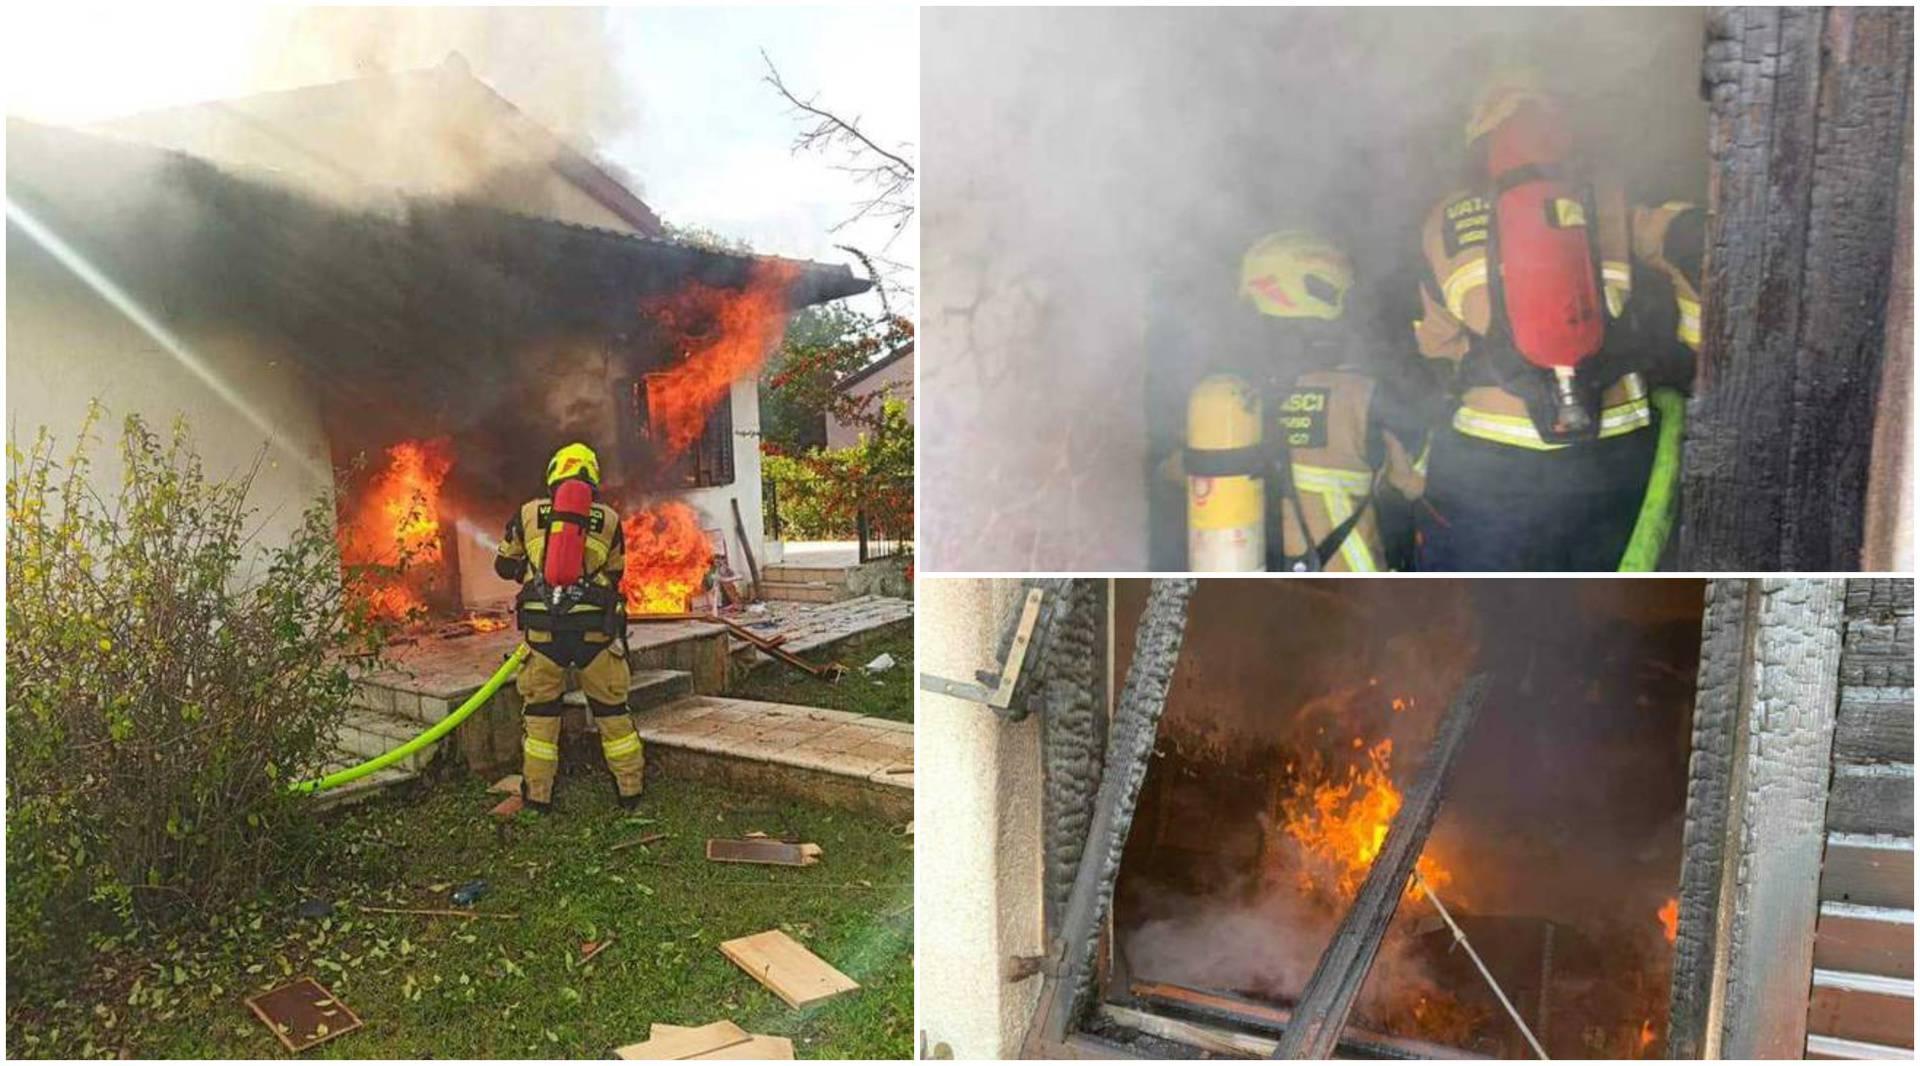 Otvorio je ventile na plinskim bocama i zapalio apartman: Bio je u sukobu s vlasnicama stana?